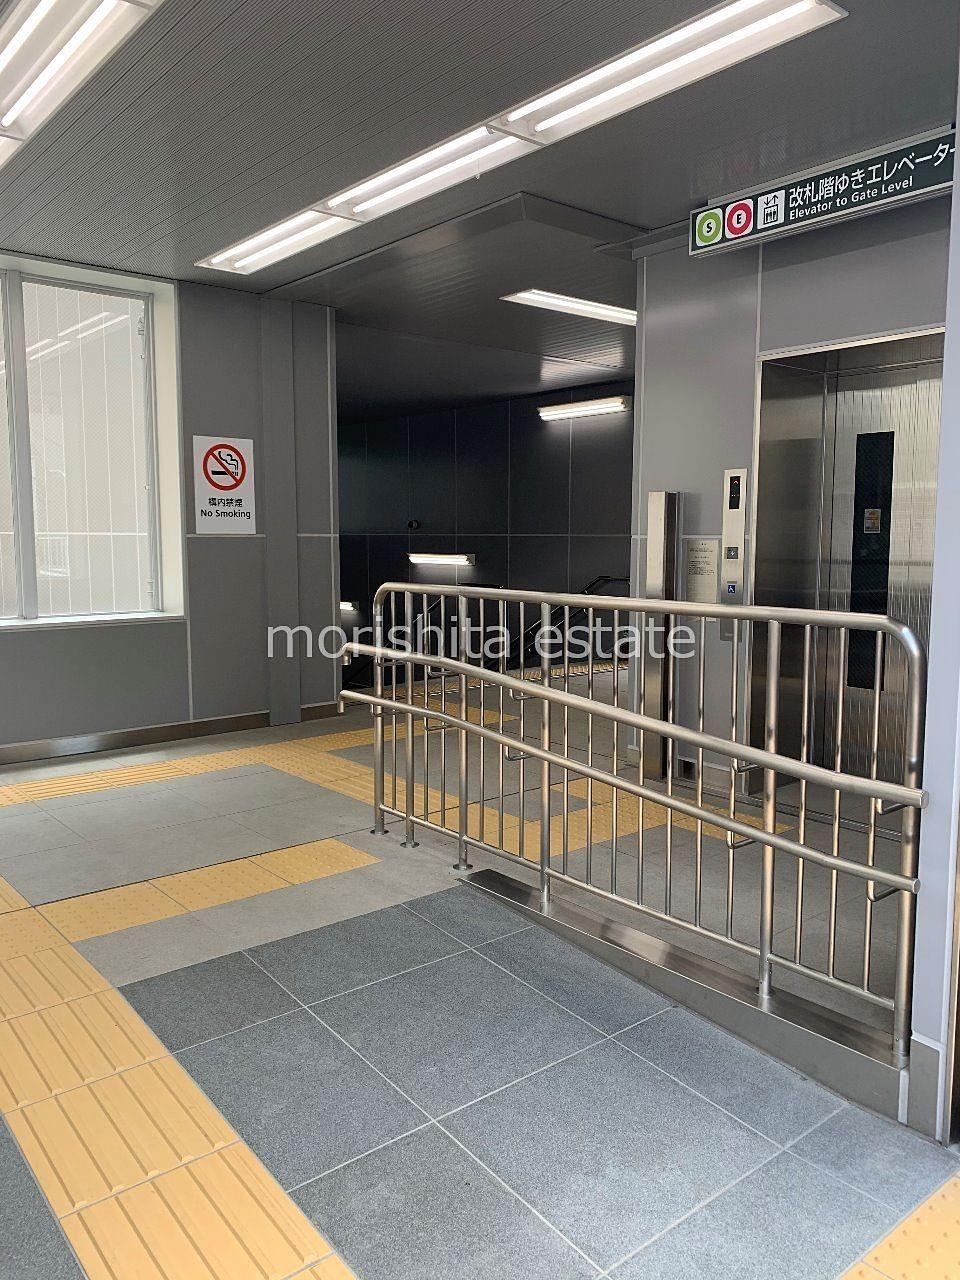 大江戸線 新宿線 森下駅 工事 A3出口 写真